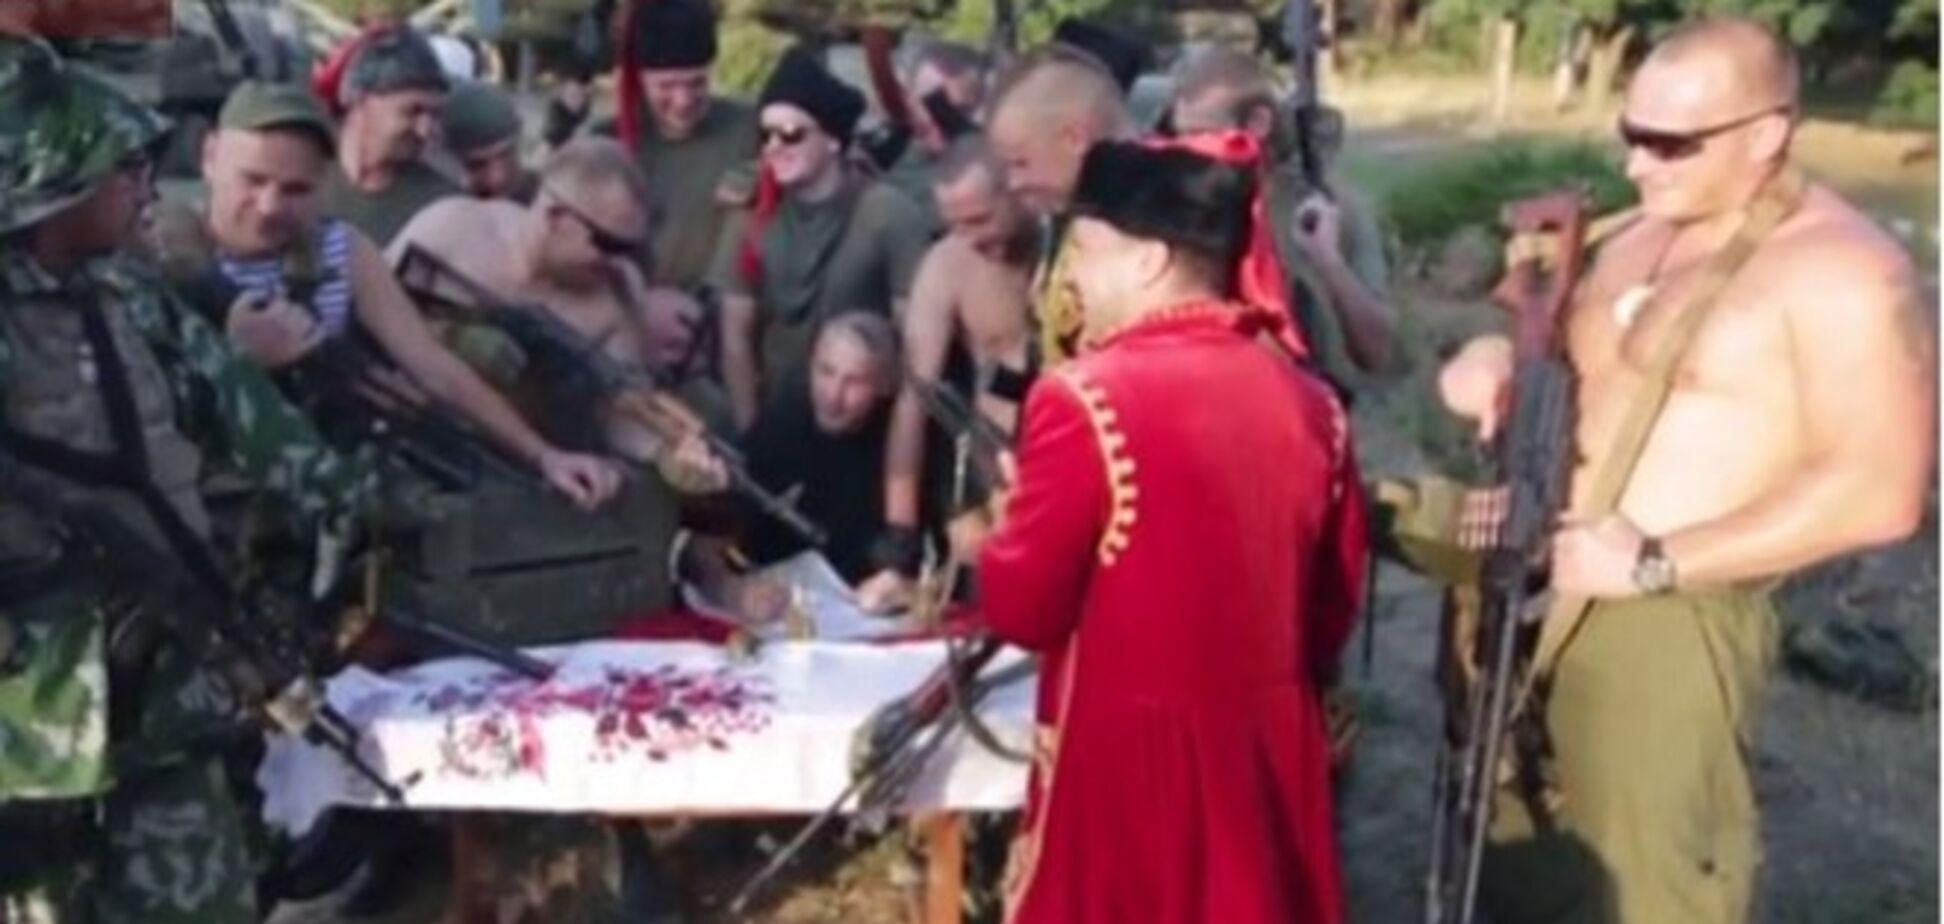 Бойцы 95-й бригады написали письмо Путину: отдай нам 'Яныка', мы его посадим на елку